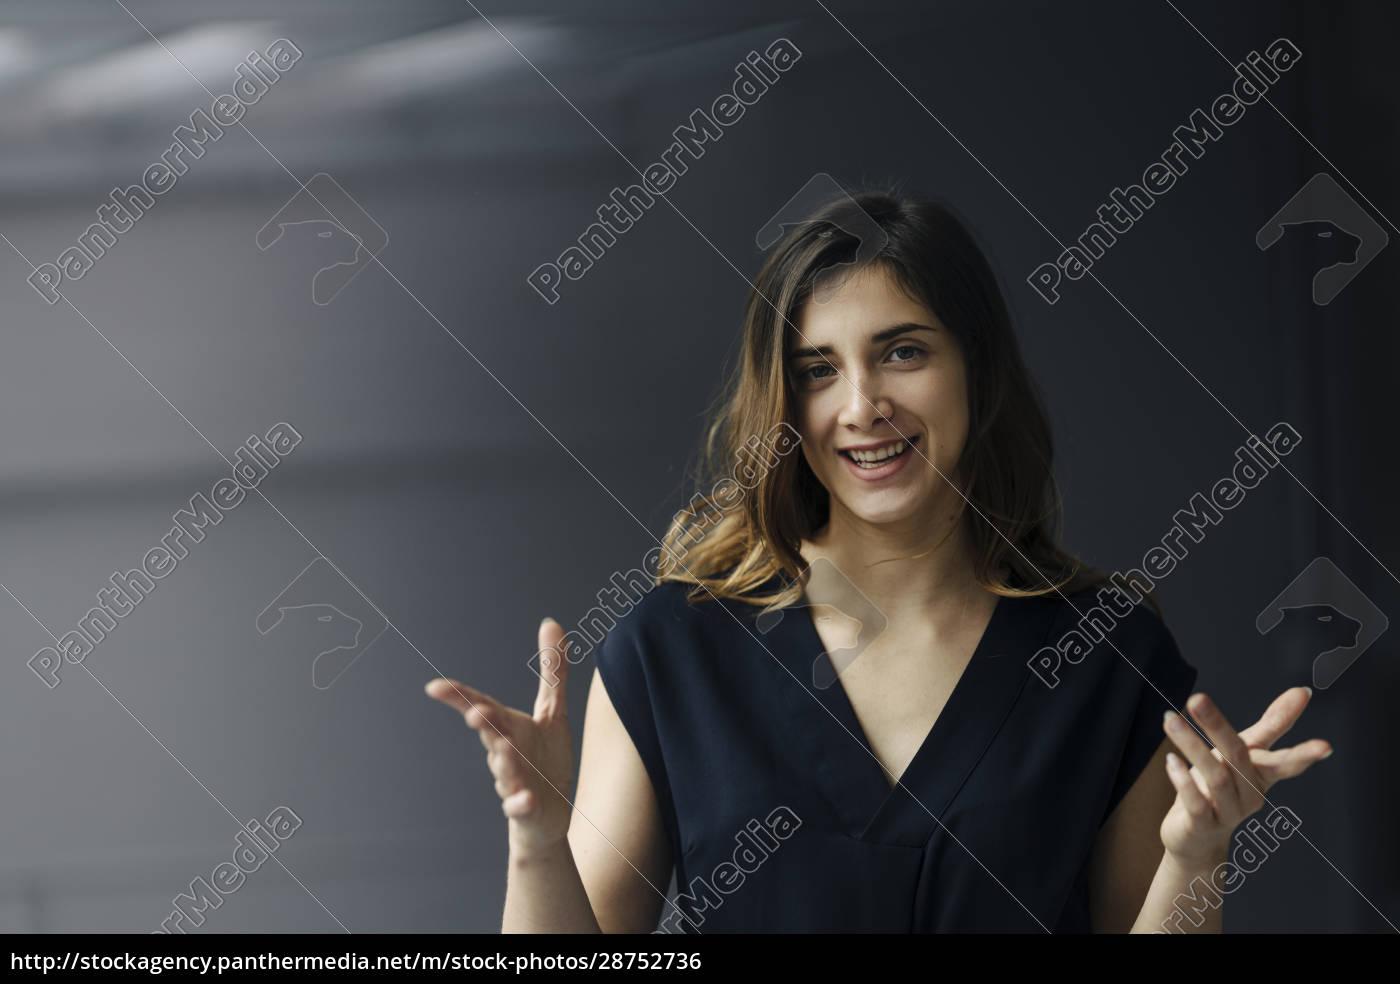 porträt, einer, gestikulierenden, jungen, geschäftsfrau, vor - 28752736